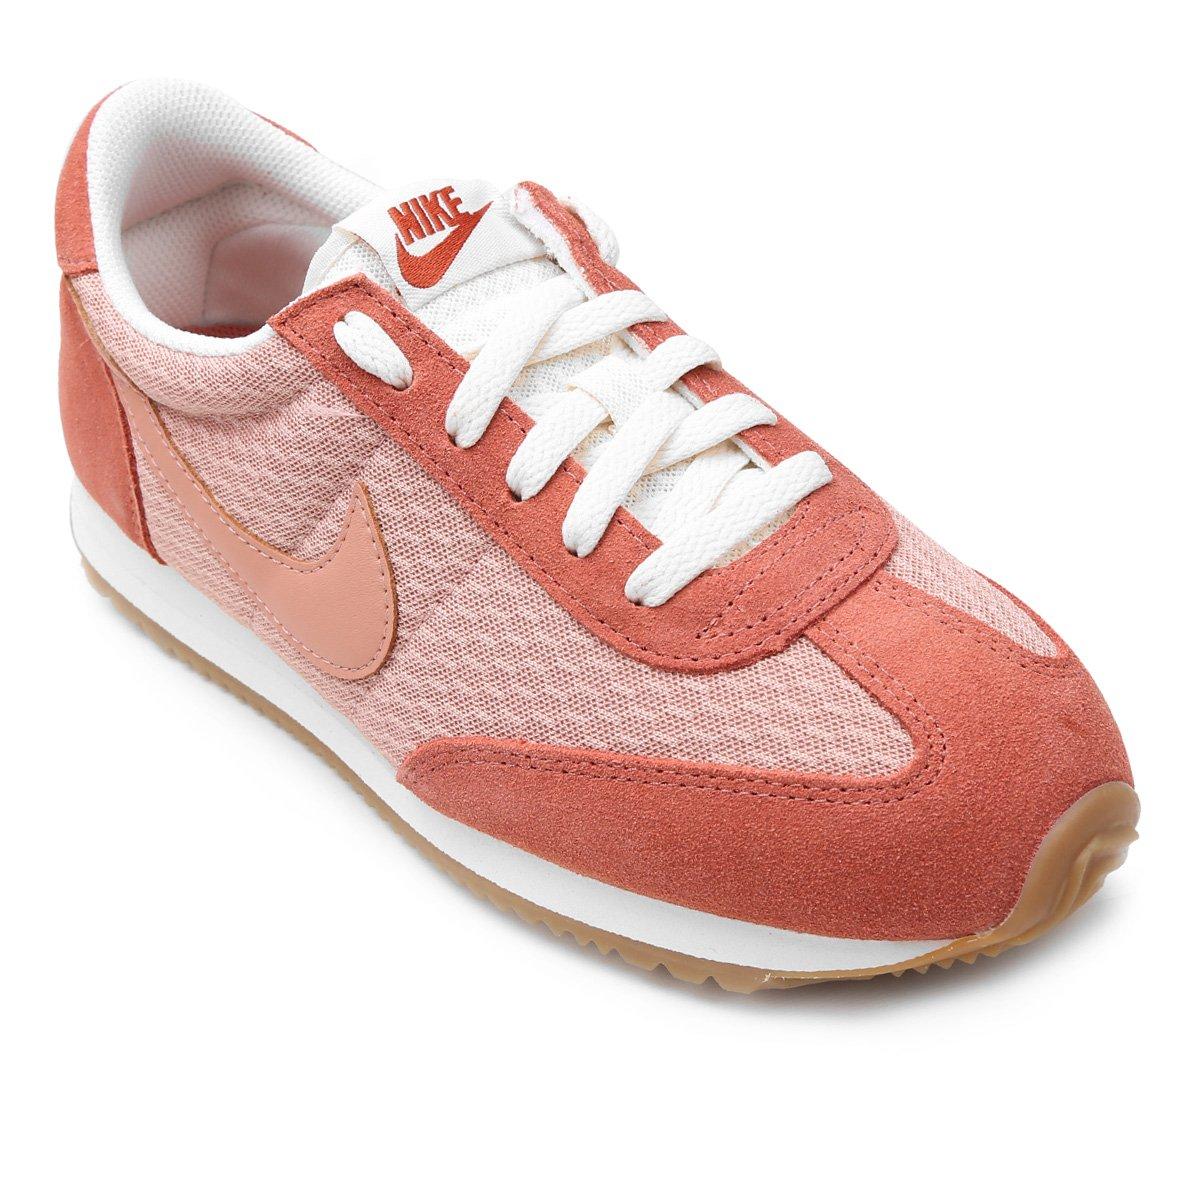 b54c958412d Tênis Nike Oceania Textile - Rosa - Compre Agora